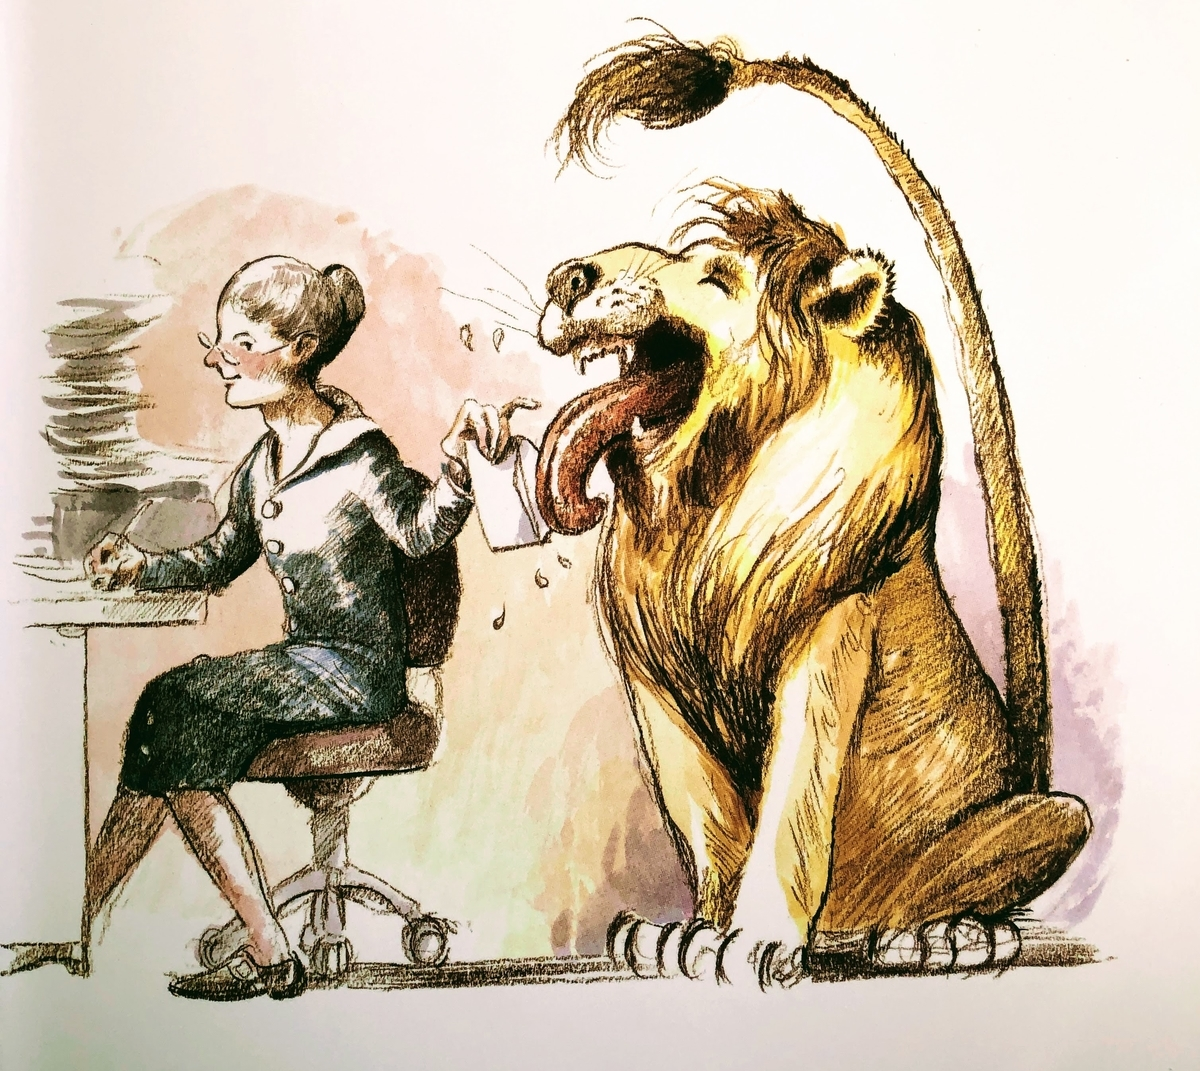 図書館の館長のメリウェザーさんのお手伝いをするライオン